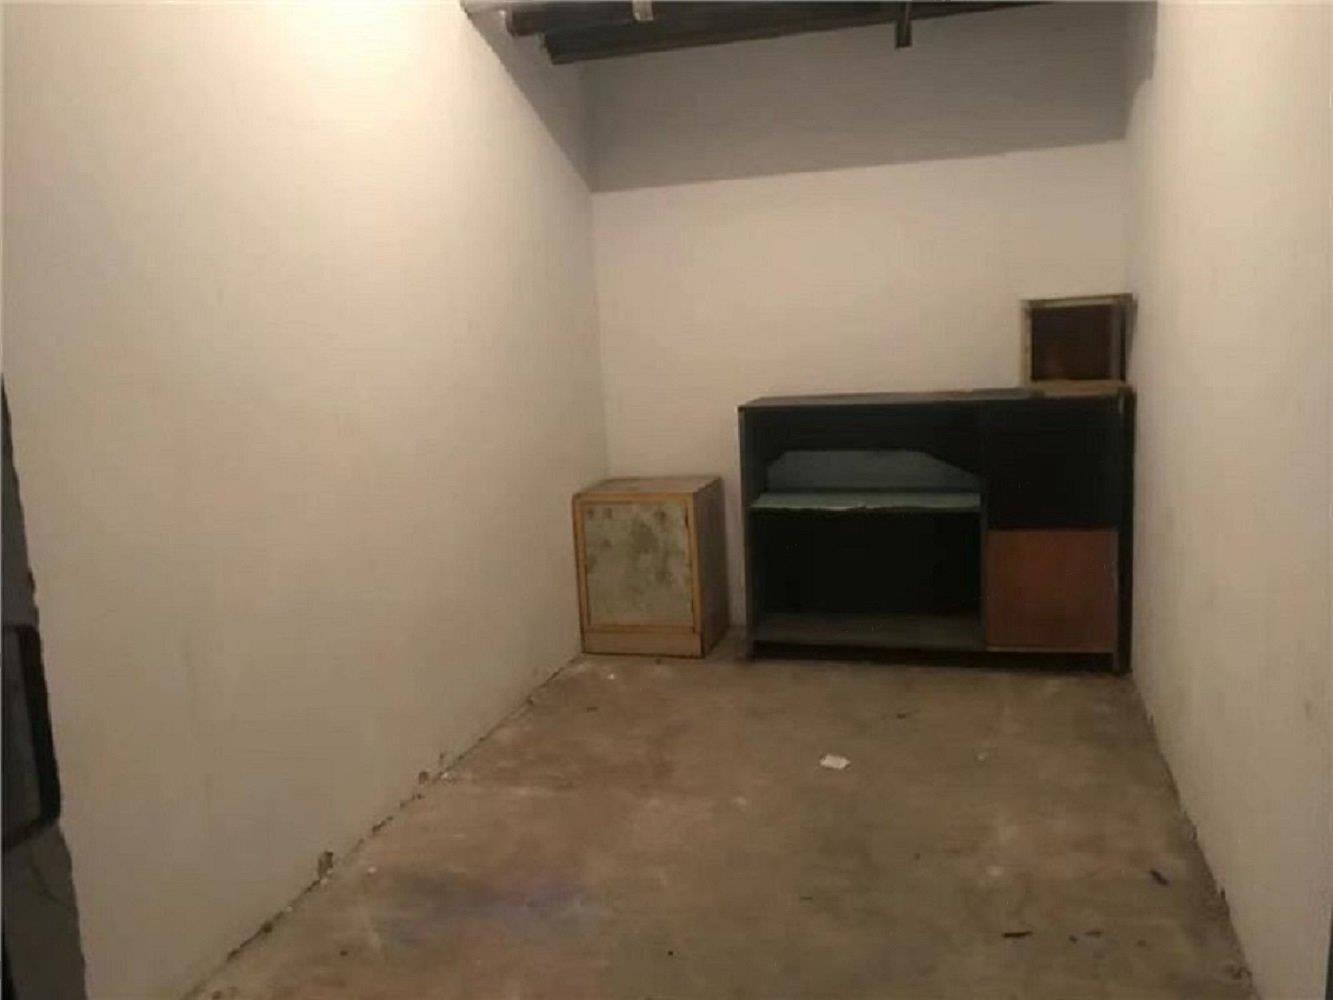 鑰匙房 博地苑 全明戶型 送地下室老證 二十三中 黎明街